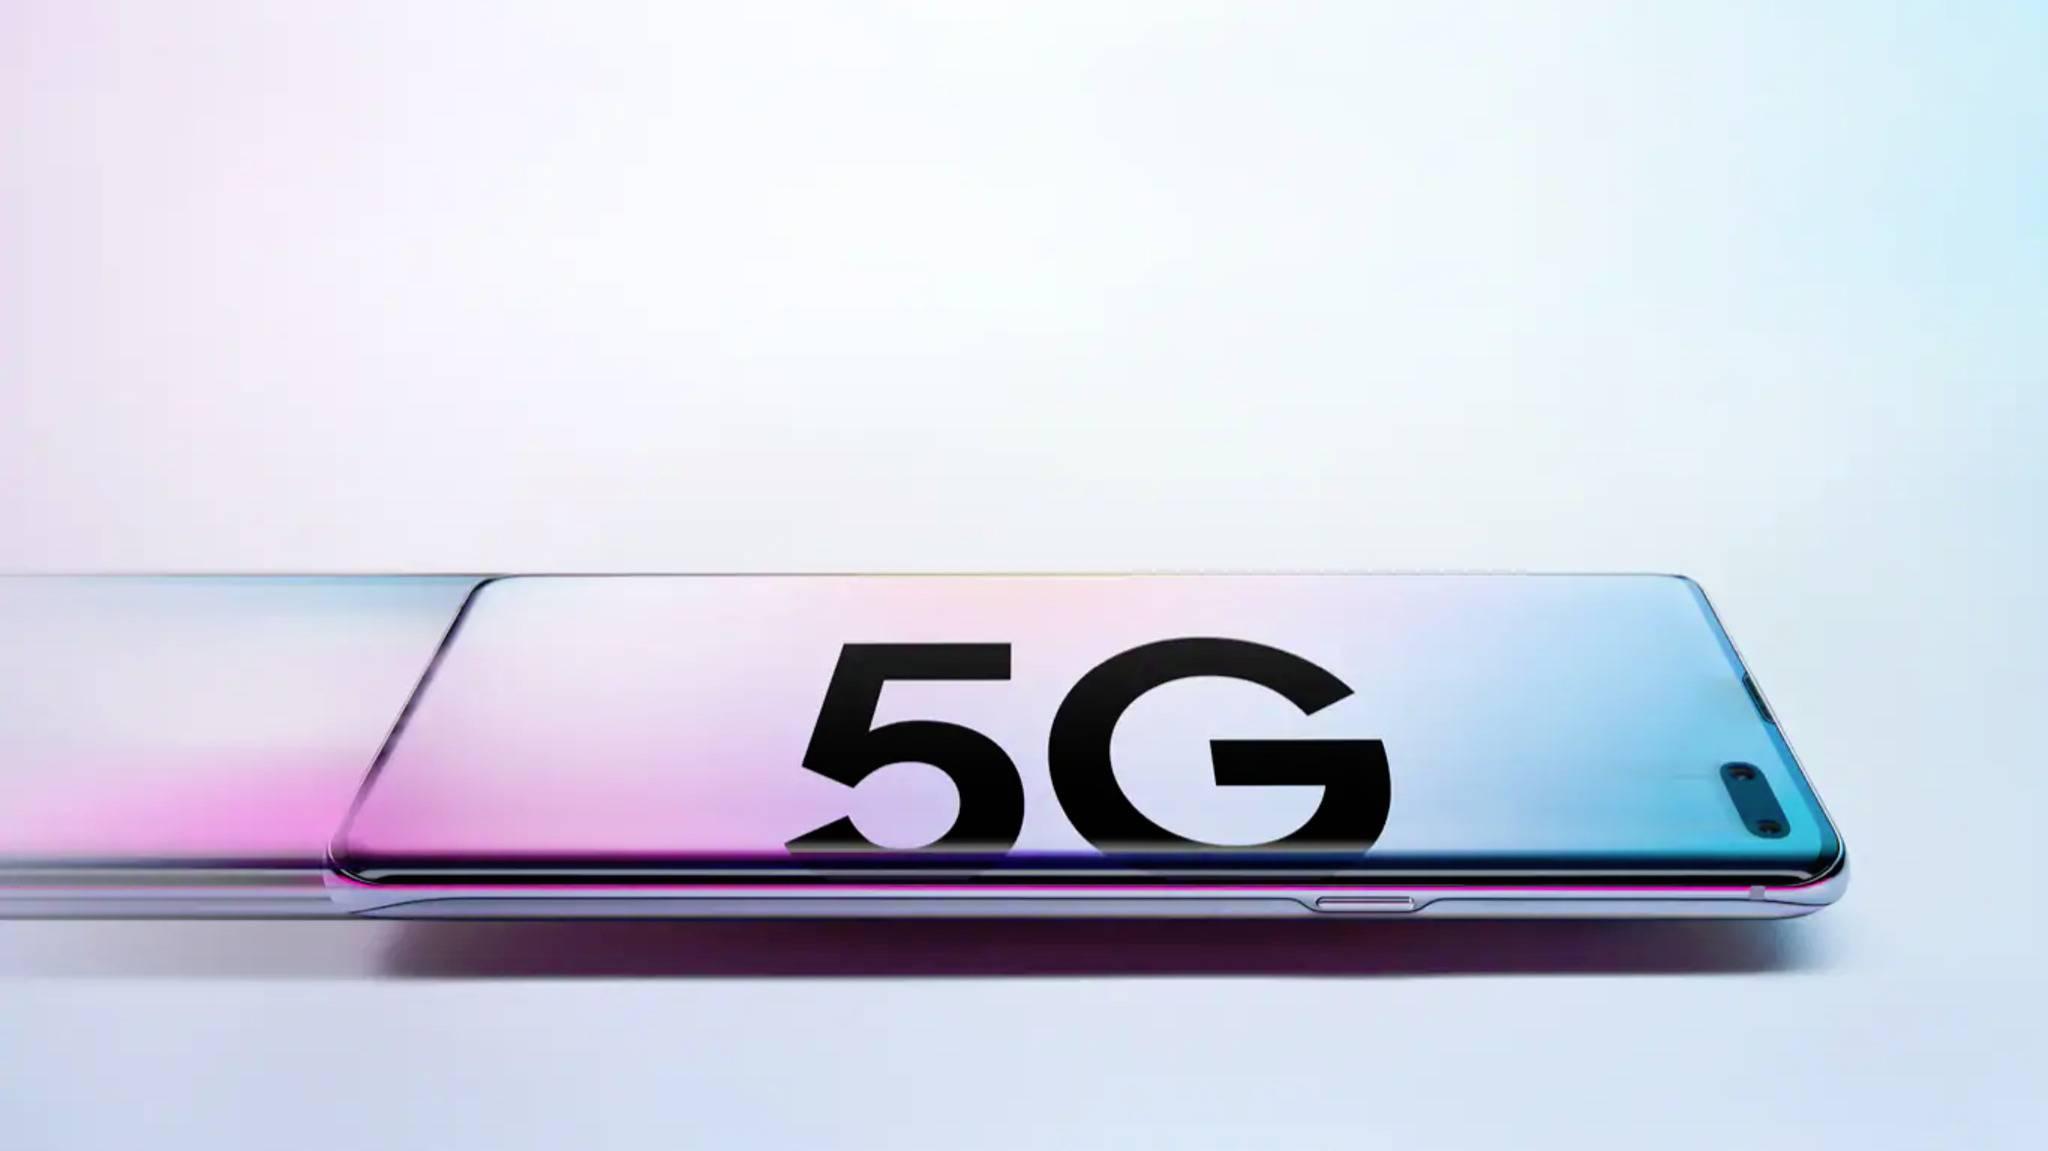 Samsungs Galaxy S10 5G tut sich momentan mit dem Wechsel von 5G zu LTE ein wenig schwer.